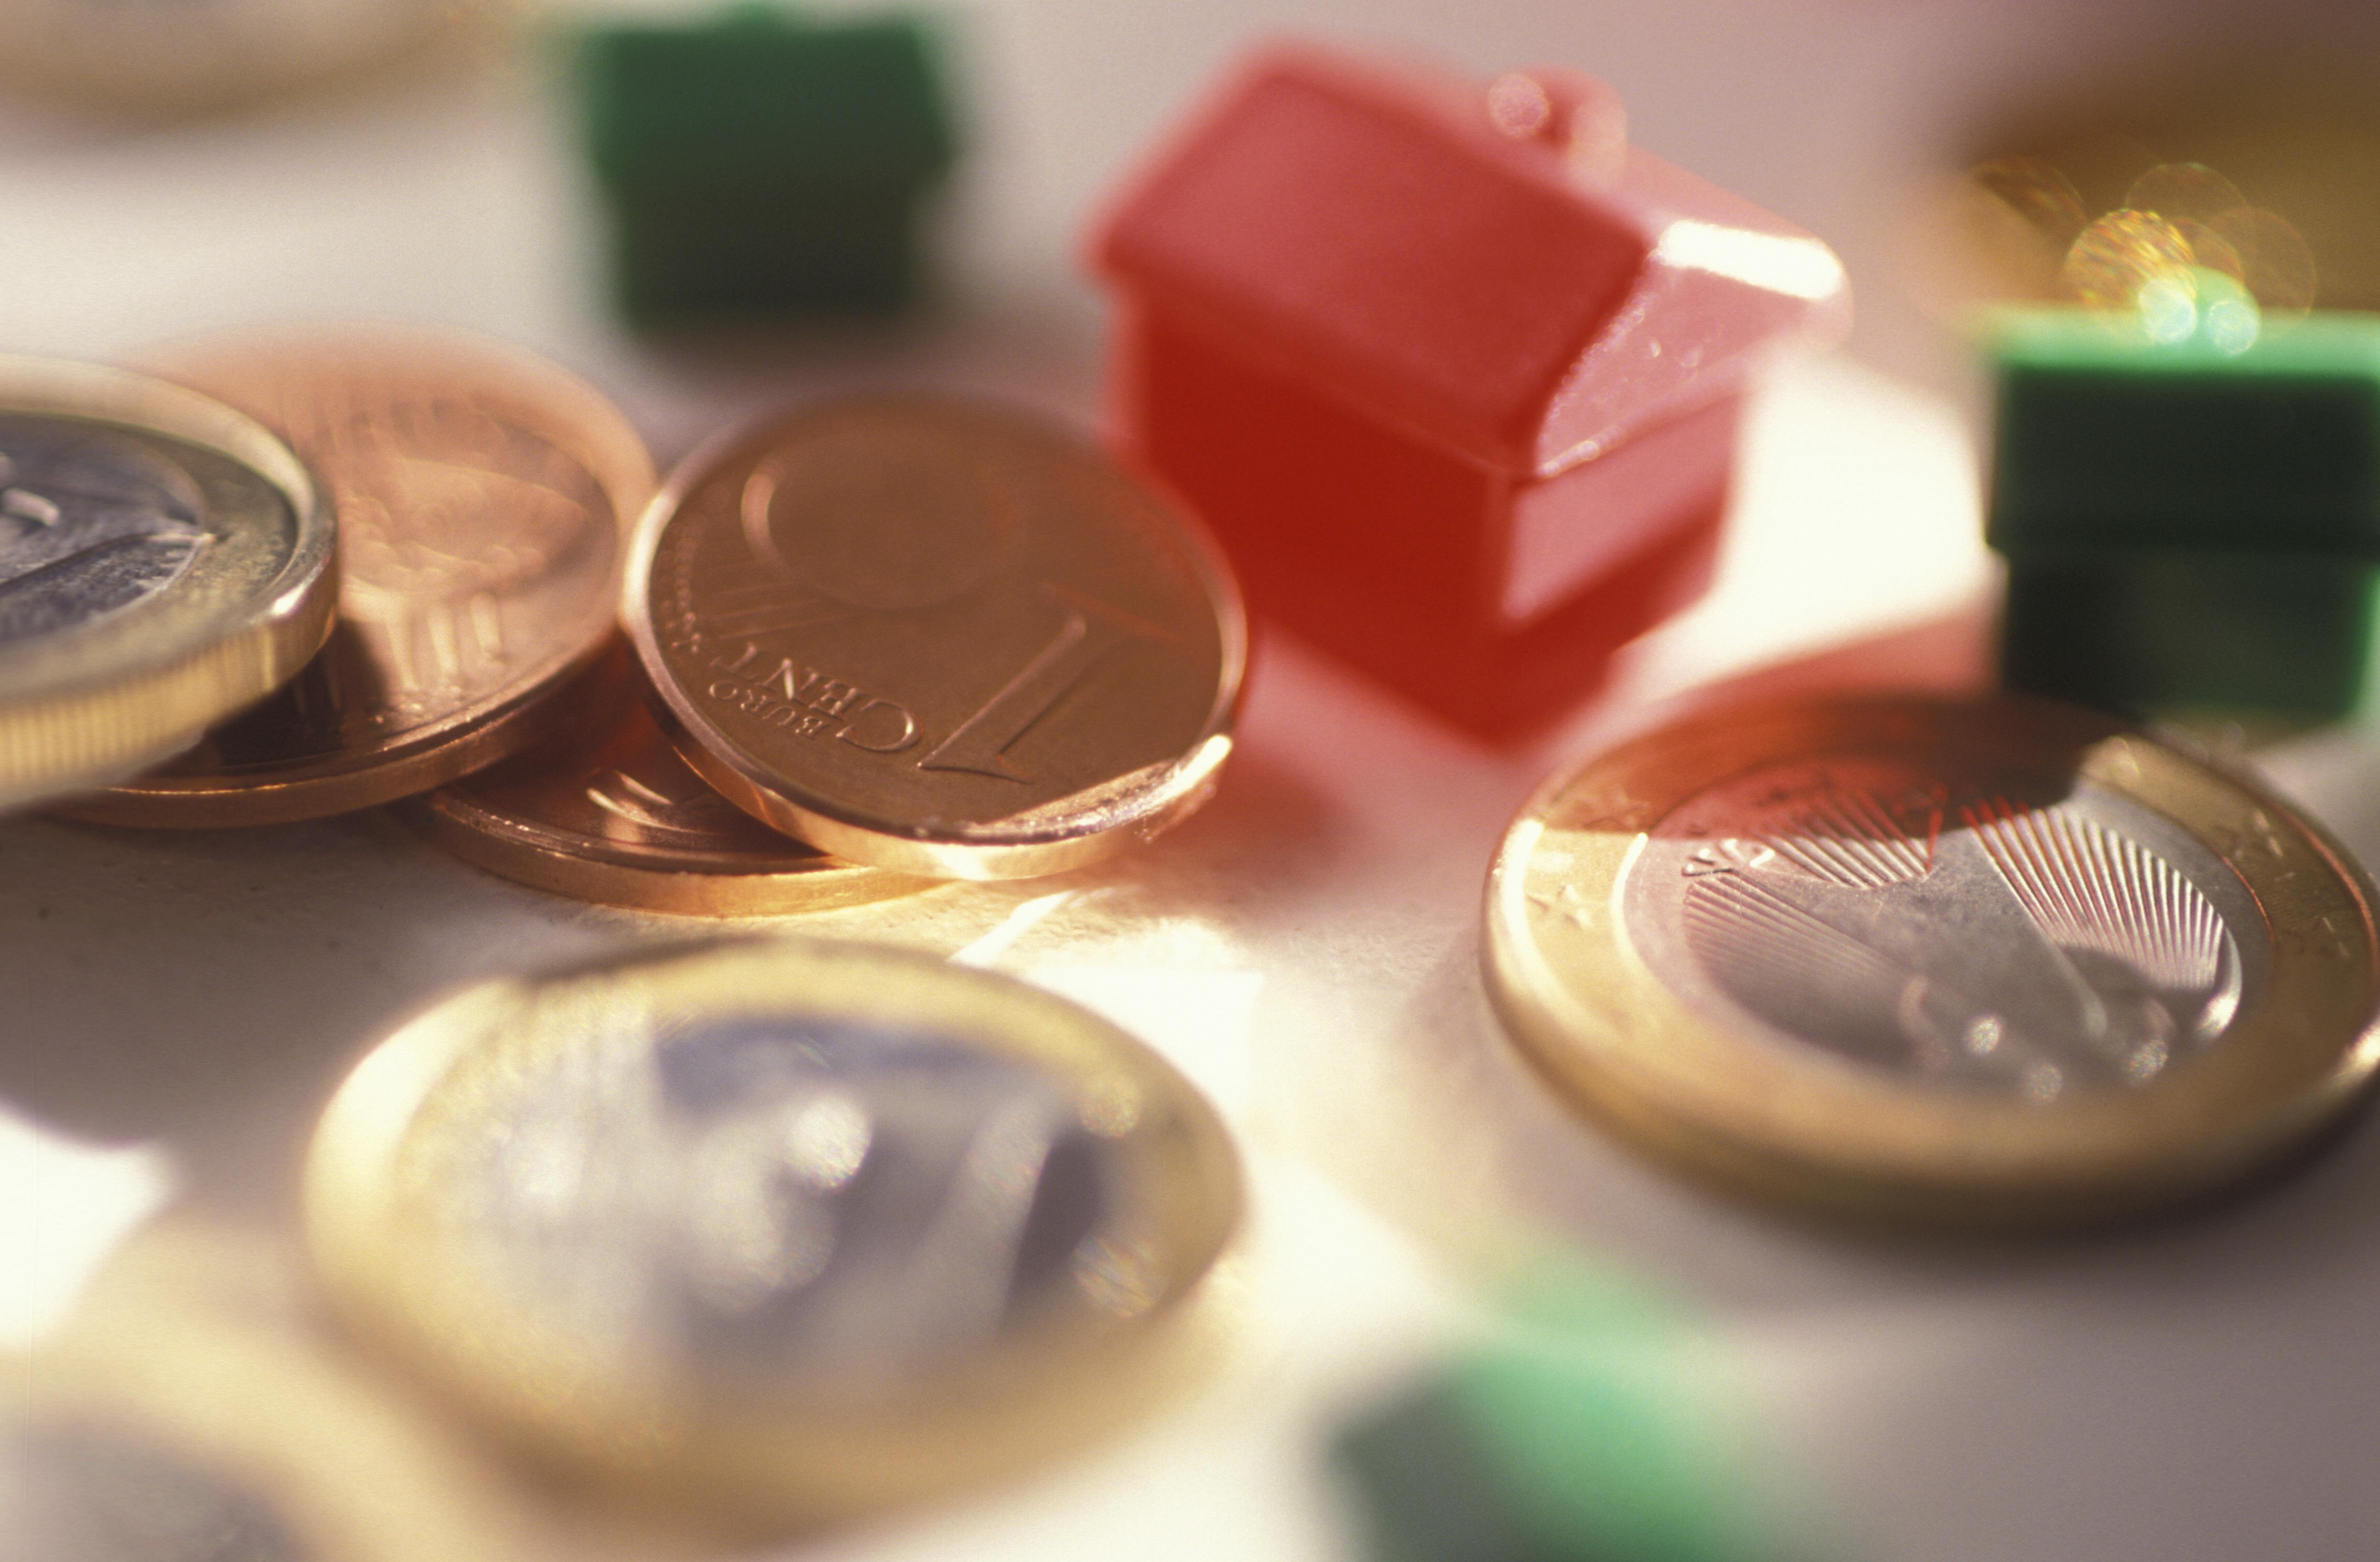 especialistas aconselham investimento em casas que se possam arrendar com rendas defensivas